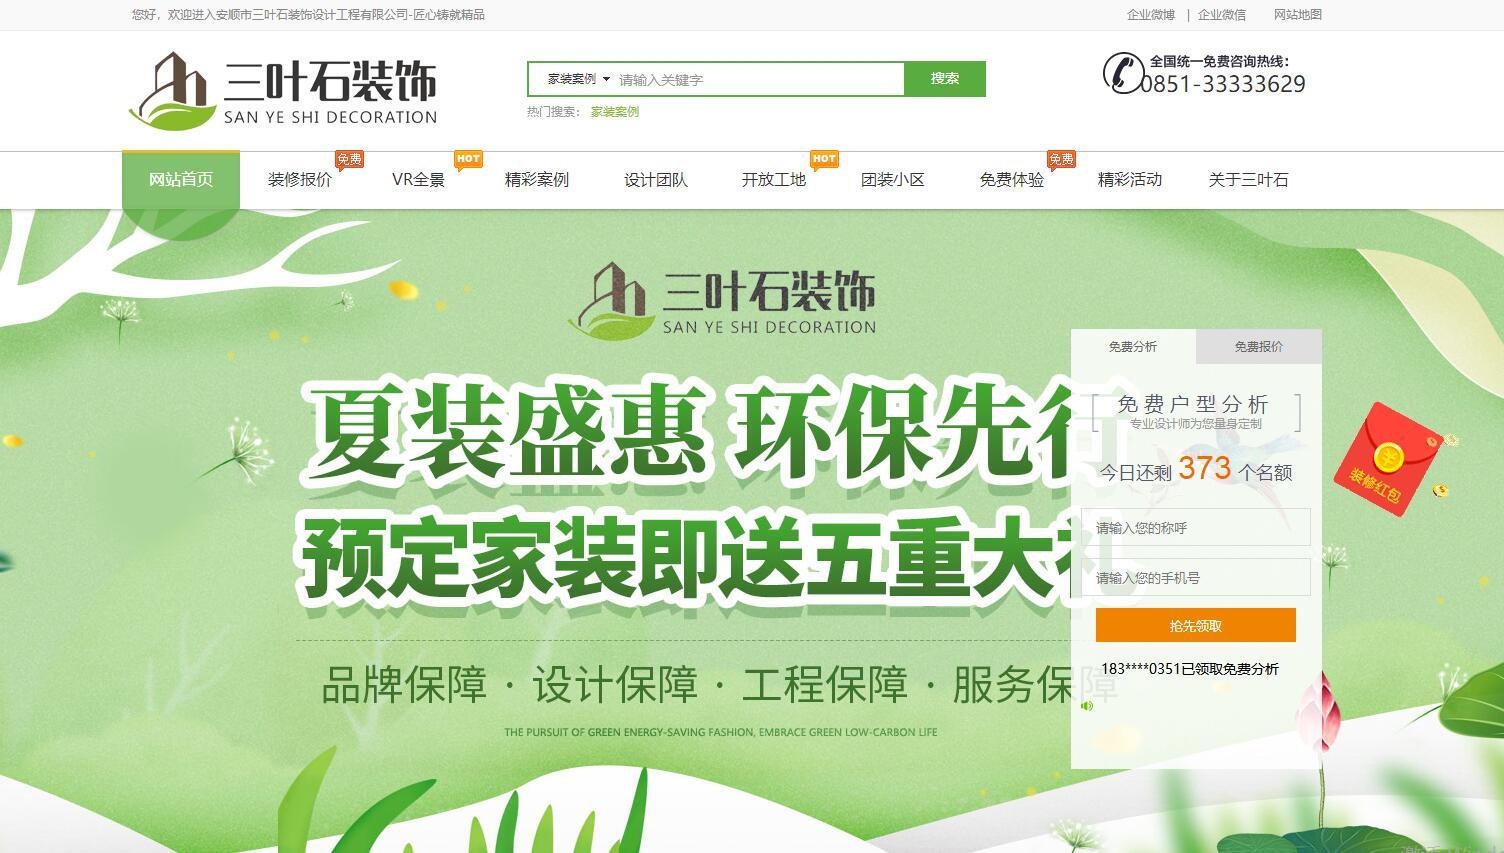 乐后屋装企营销平台恭祝安顺三叶石装饰2018版官方网站上线